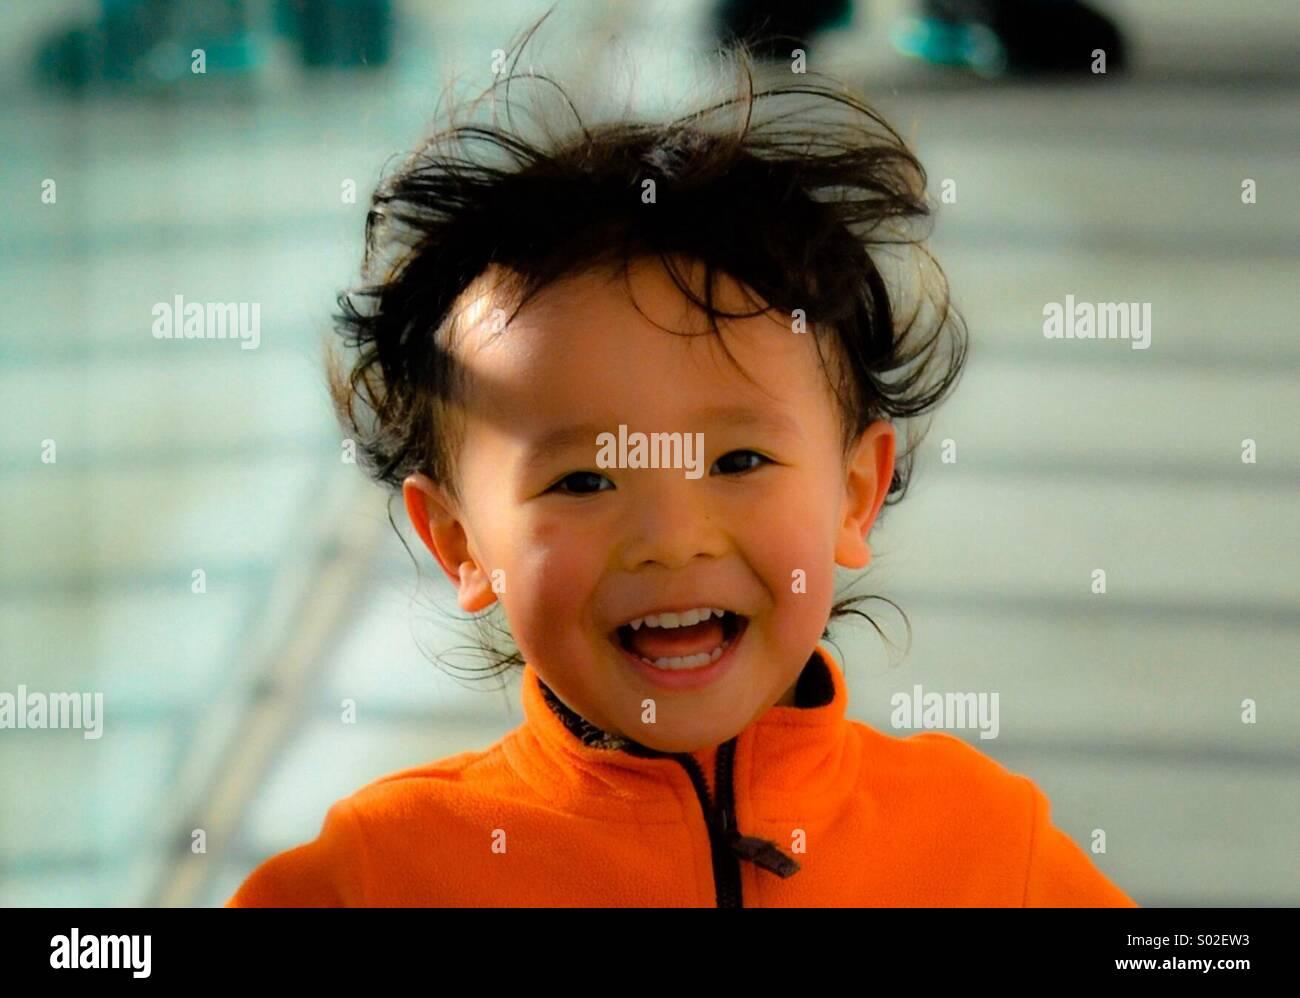 3 jährige Luis S. In Japan läuft und Lough wile schaut in die Kamera im Rinkaekoen Park in Tokio. Foto von: RAVT Stockfoto